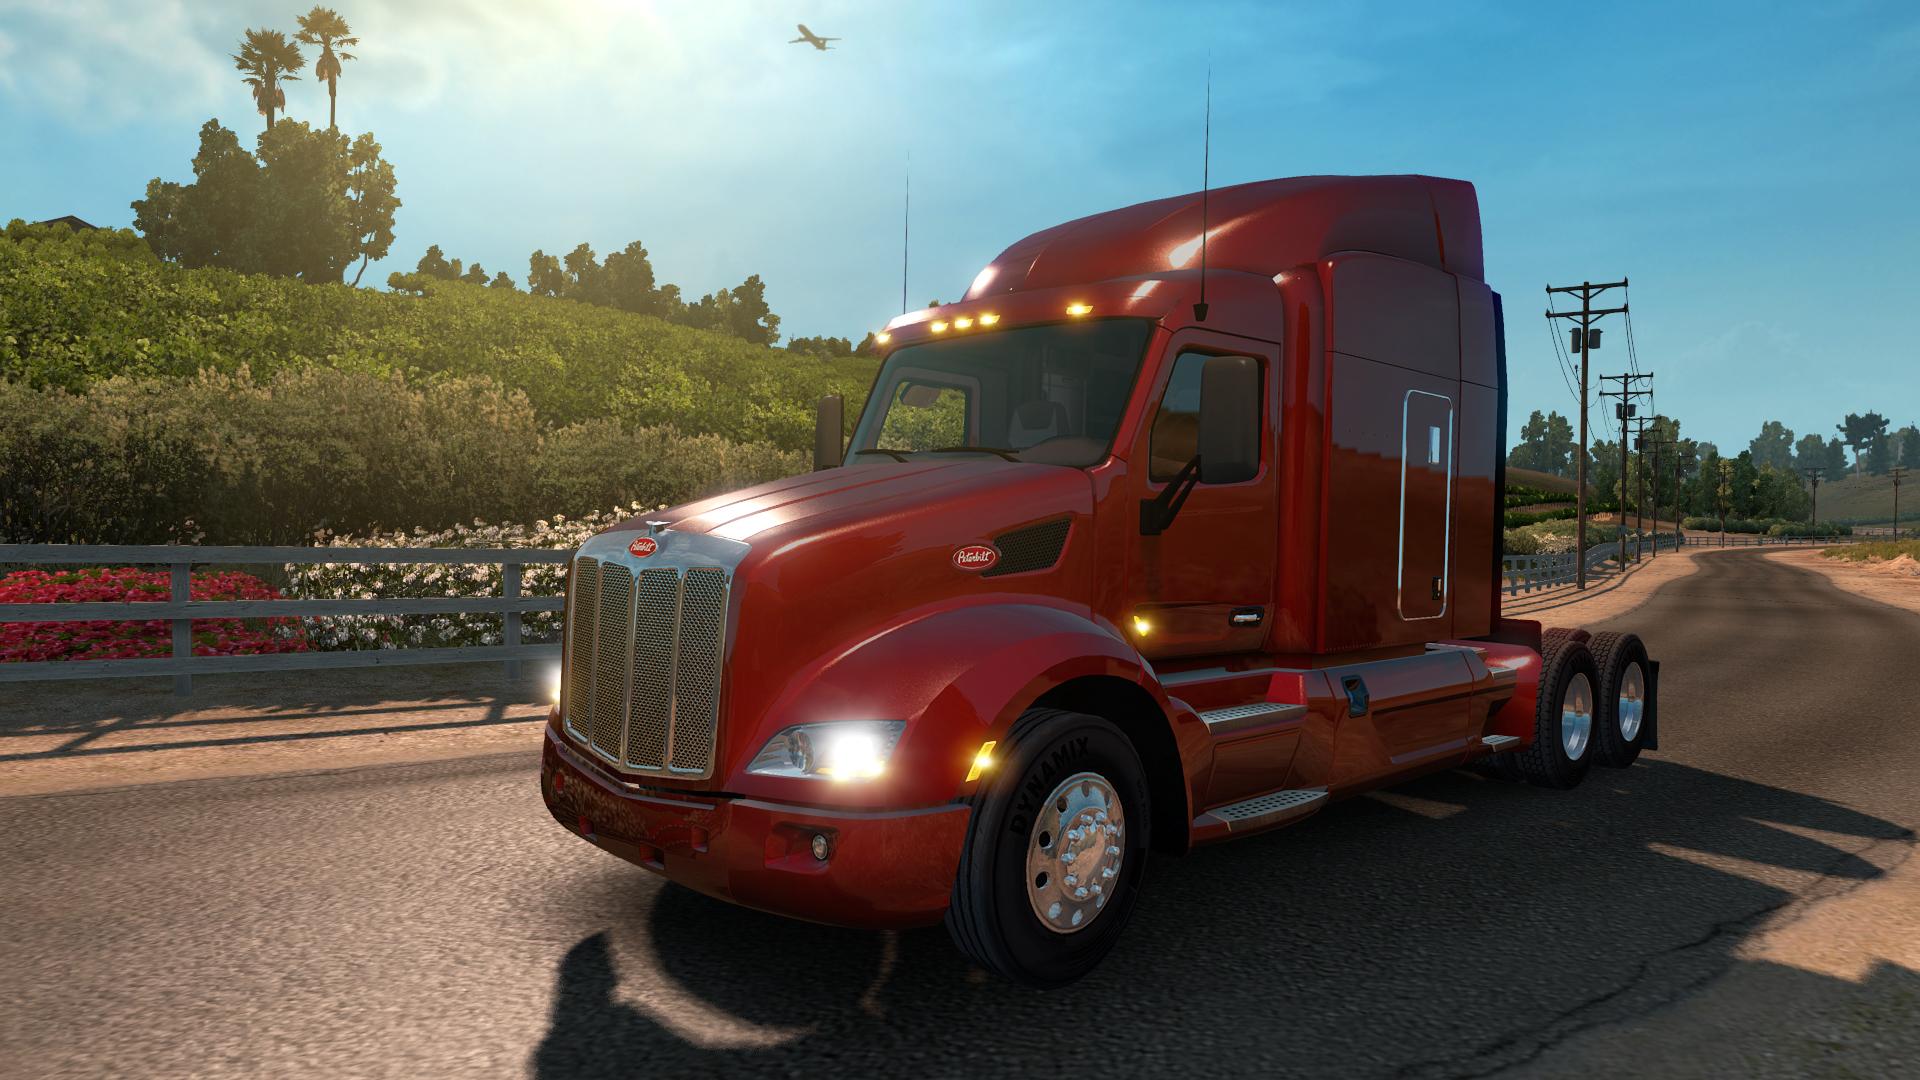 com.steam.270880-screenshot